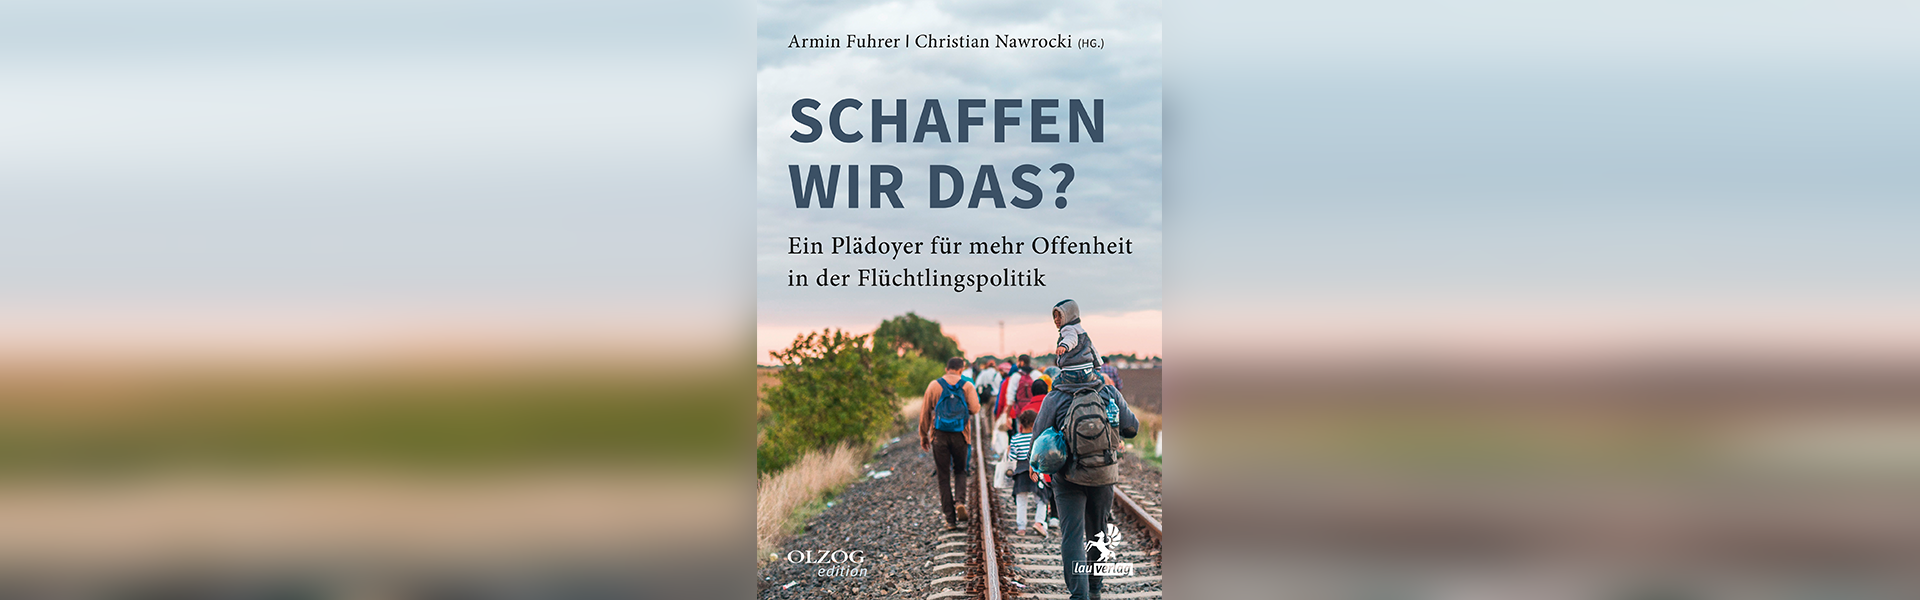 SchaffenWirDas-Header_2